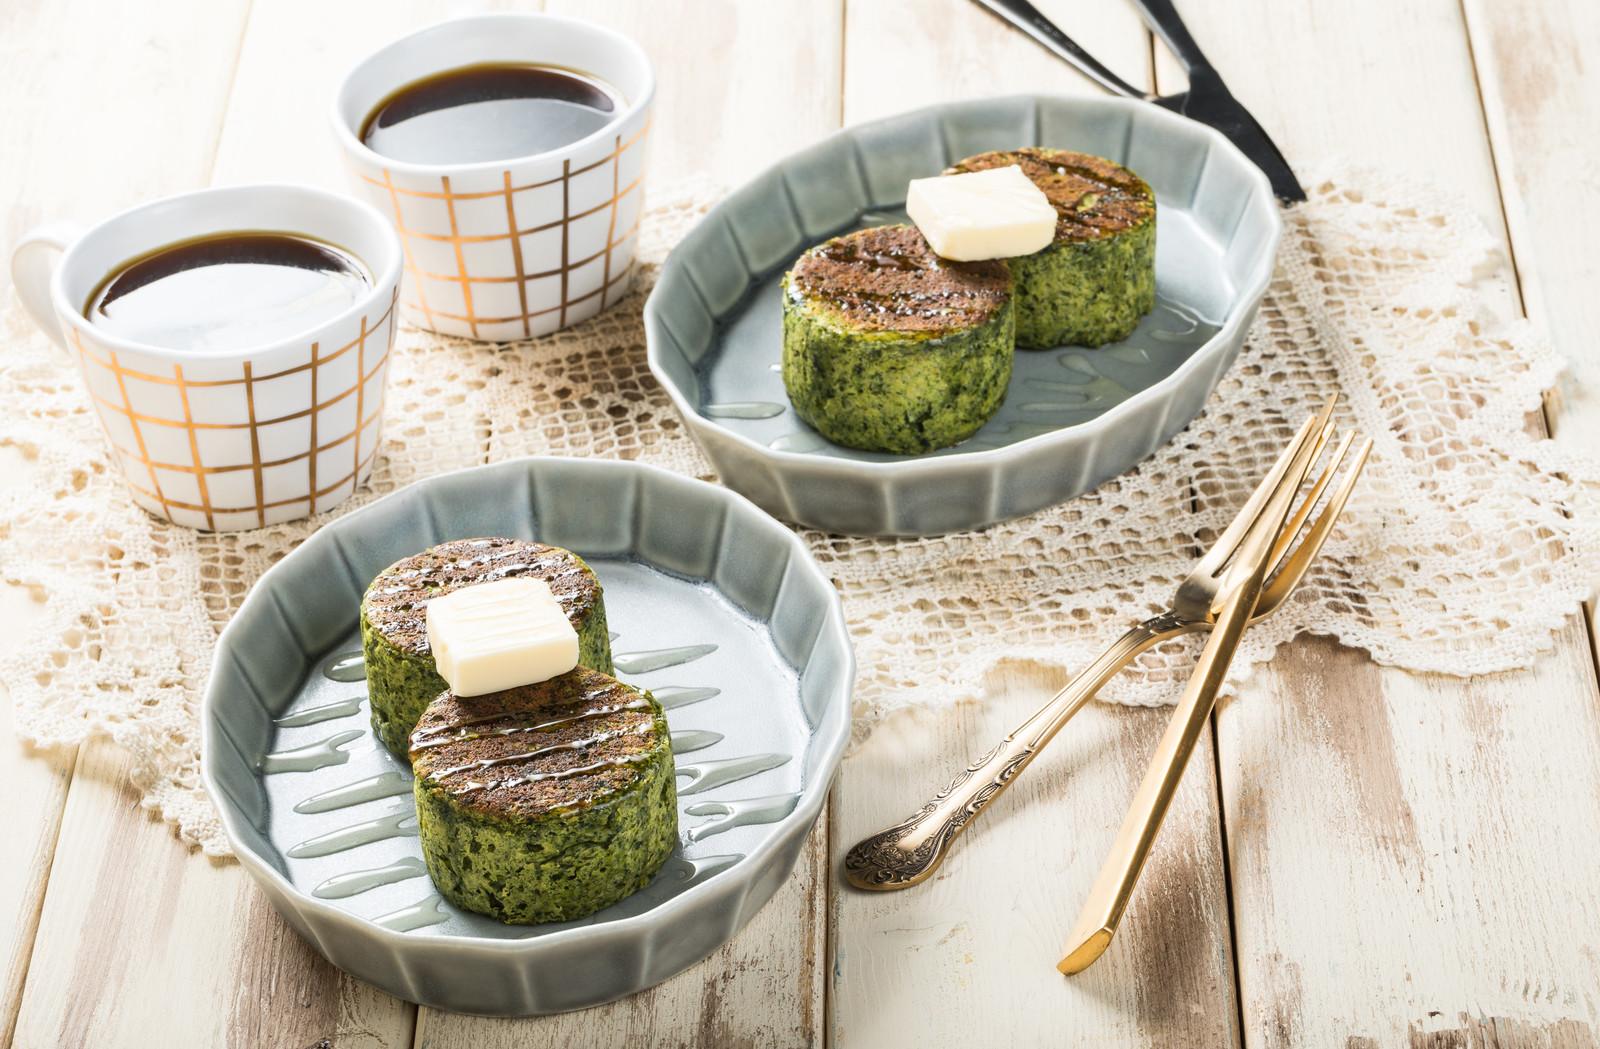 京橋のランチでおすすめの安いお店を紹介!人気の個室カフェもあり!